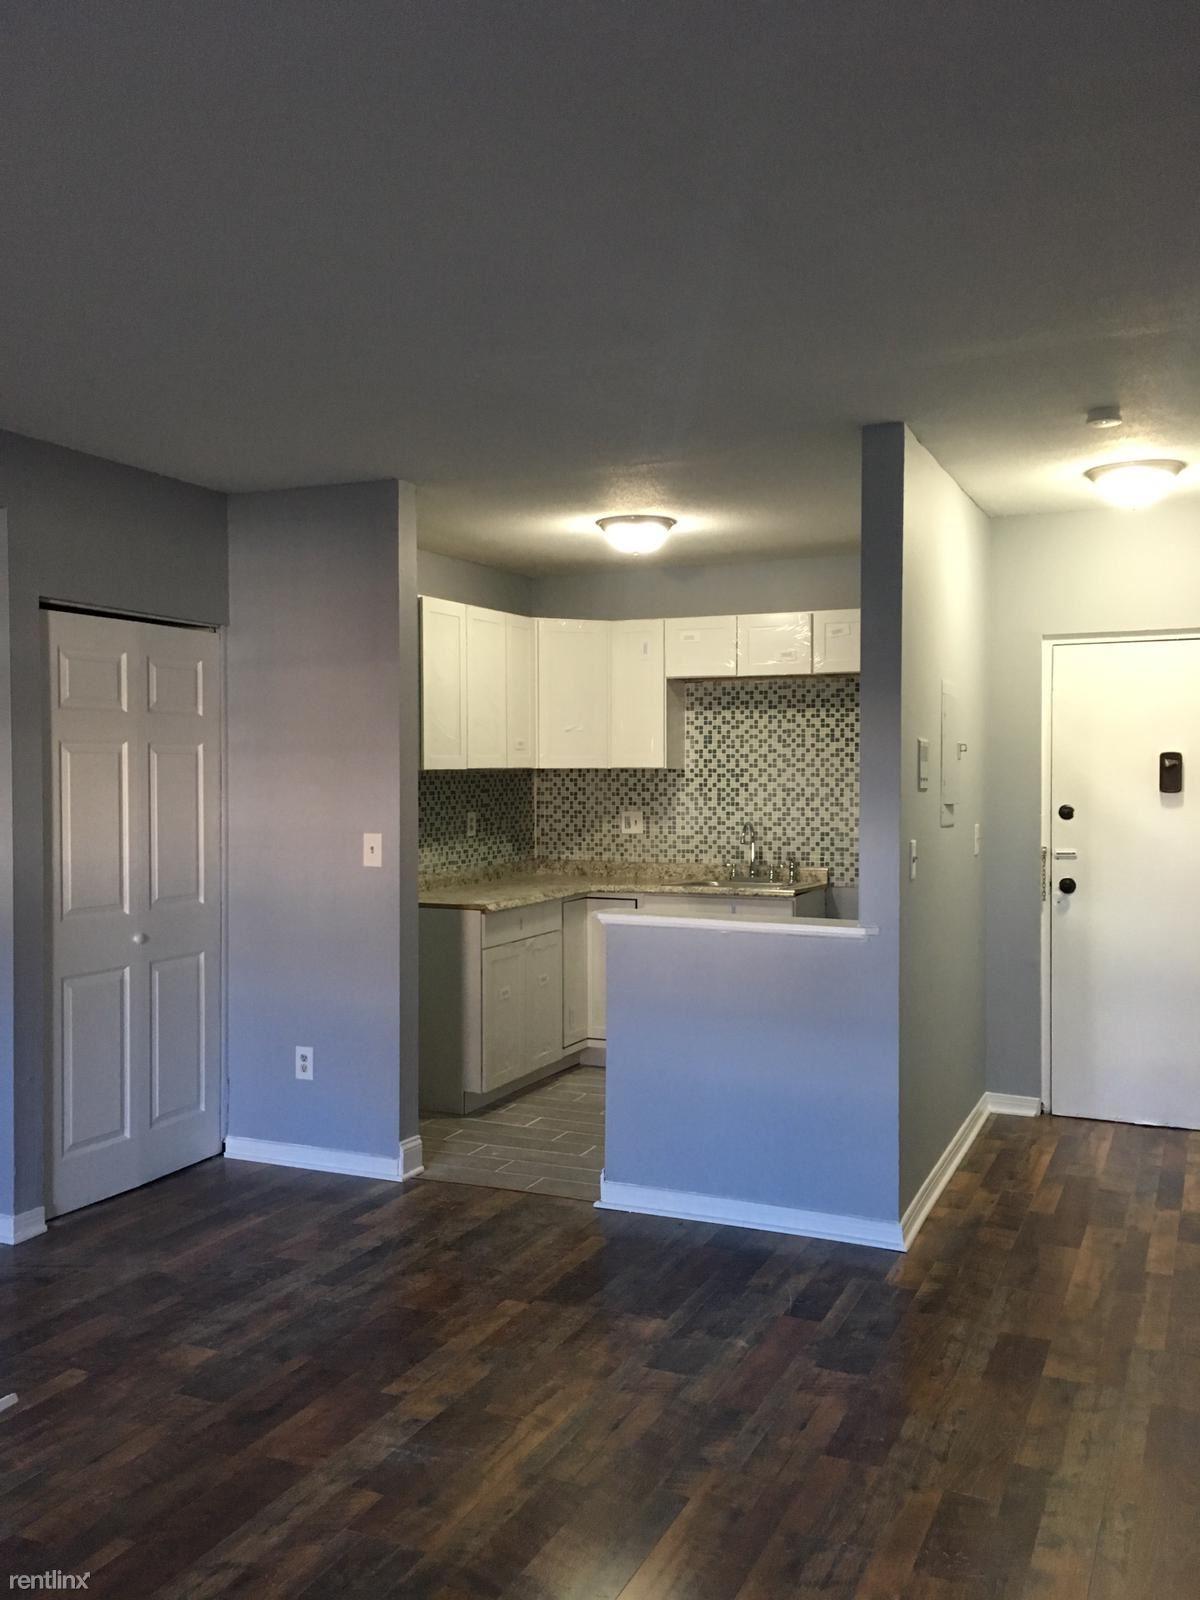 78 Homeside Ave Apt 101